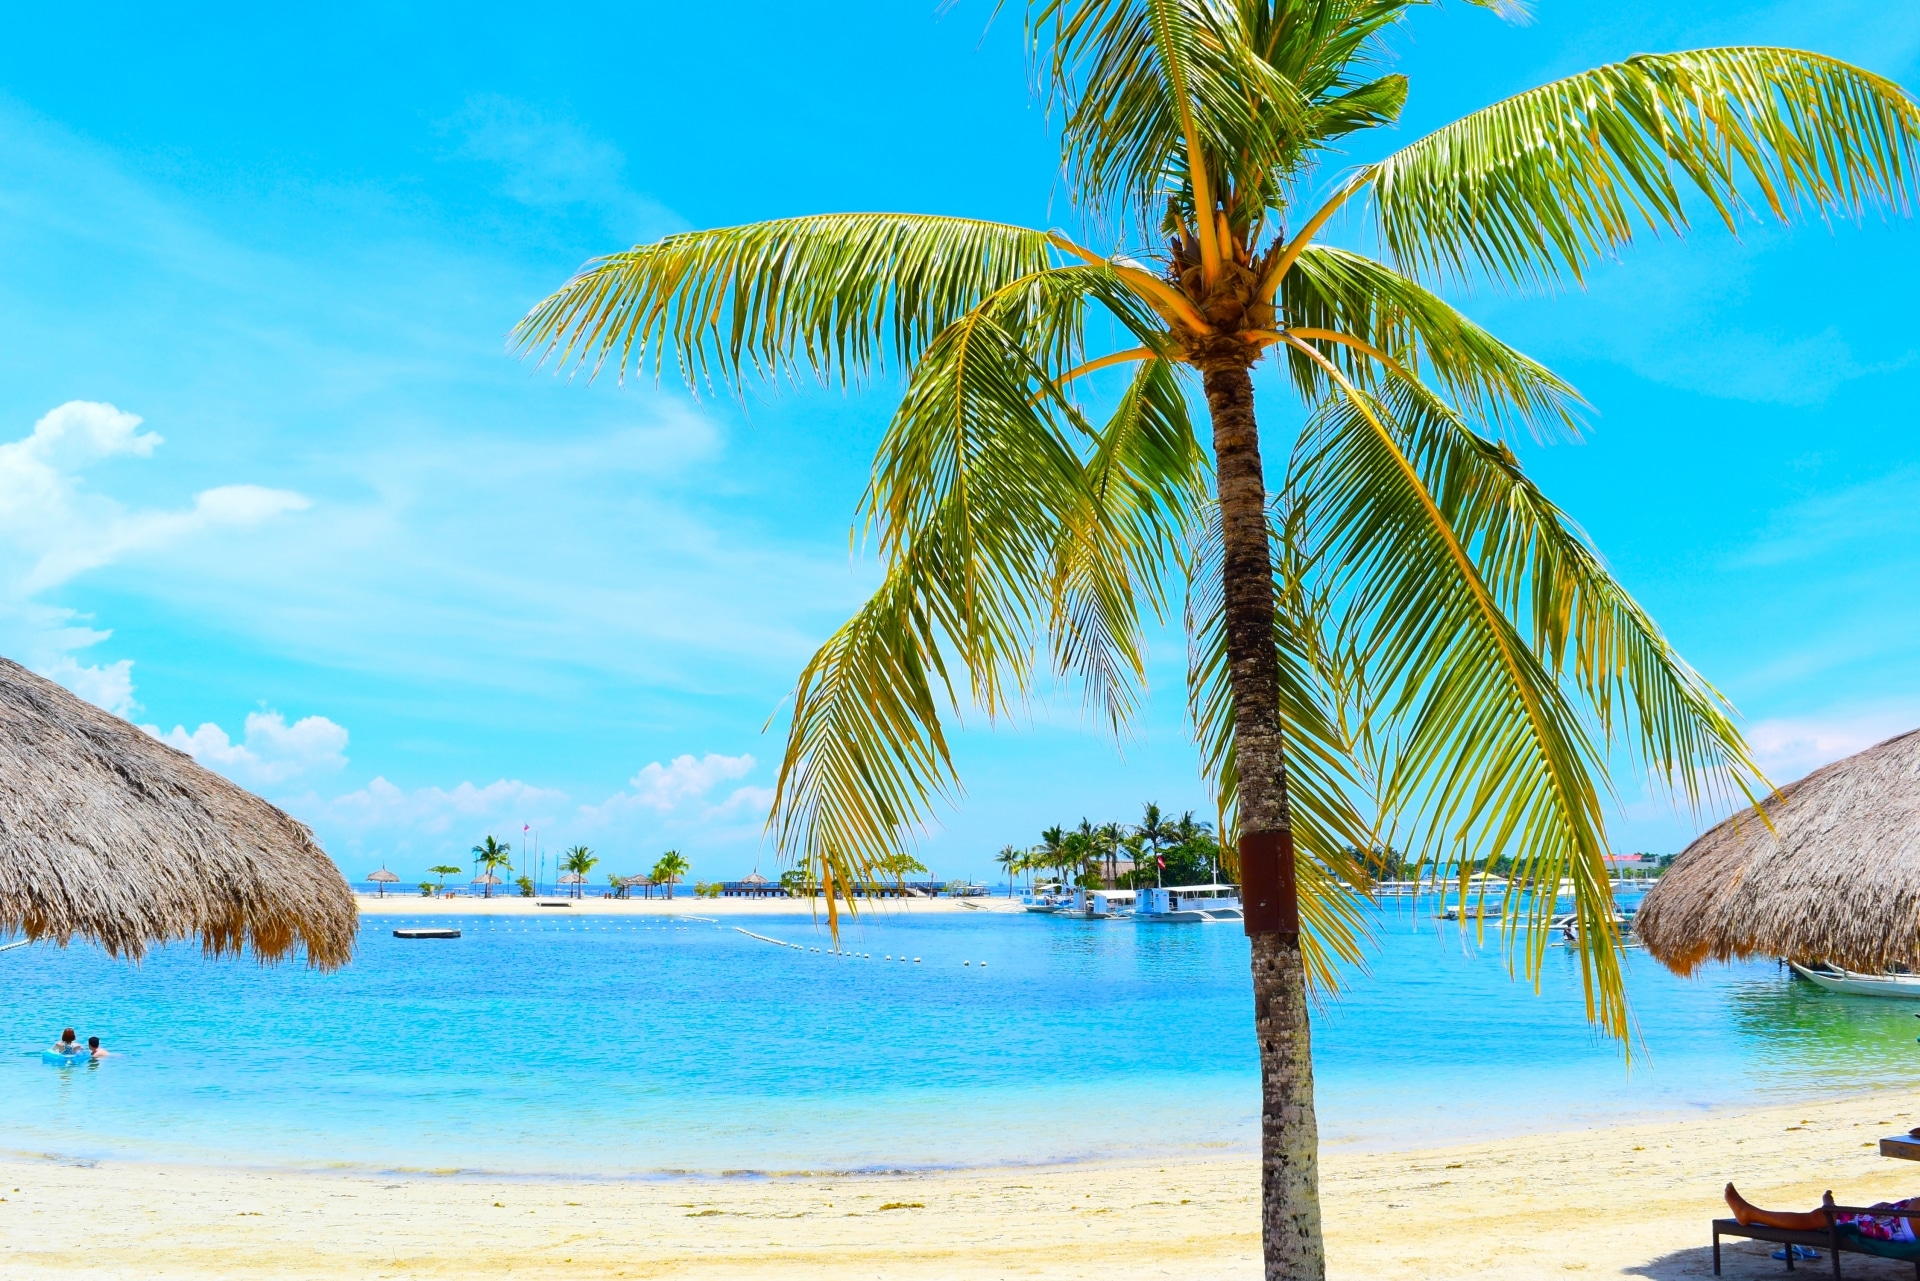 1週間のフィリピン留学リゾートにある学校を選ぶ